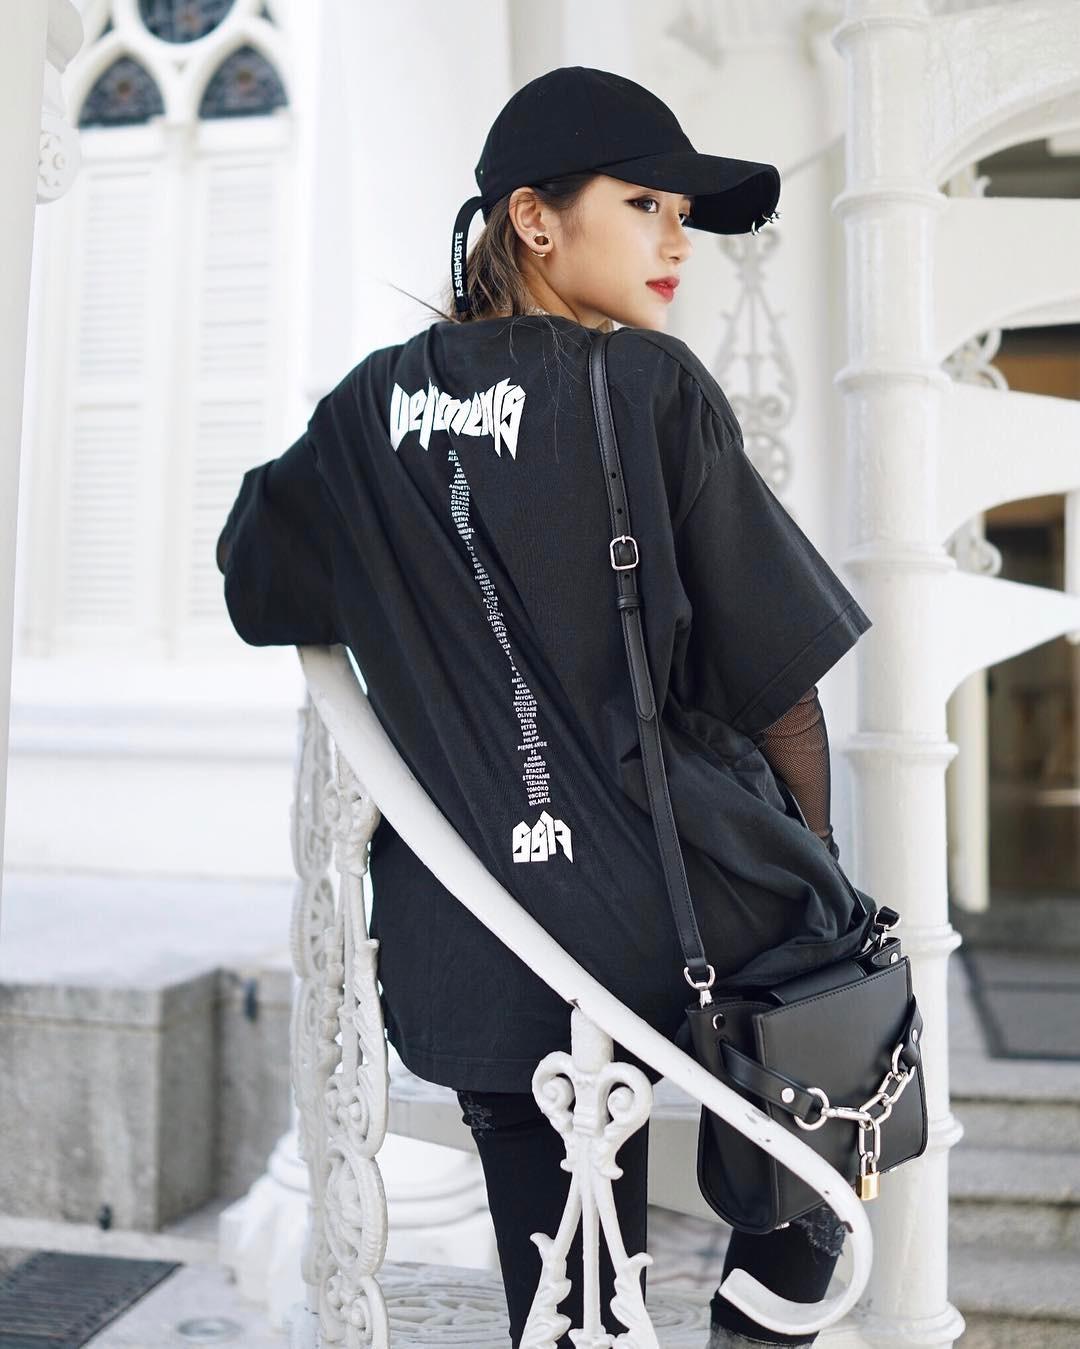 Không hổ danh là con gái của người sở hữu nhiều túi Hermes nhất nhì thế giới, Calista Cuaca cũng chất đừng hỏi - Ảnh 11.